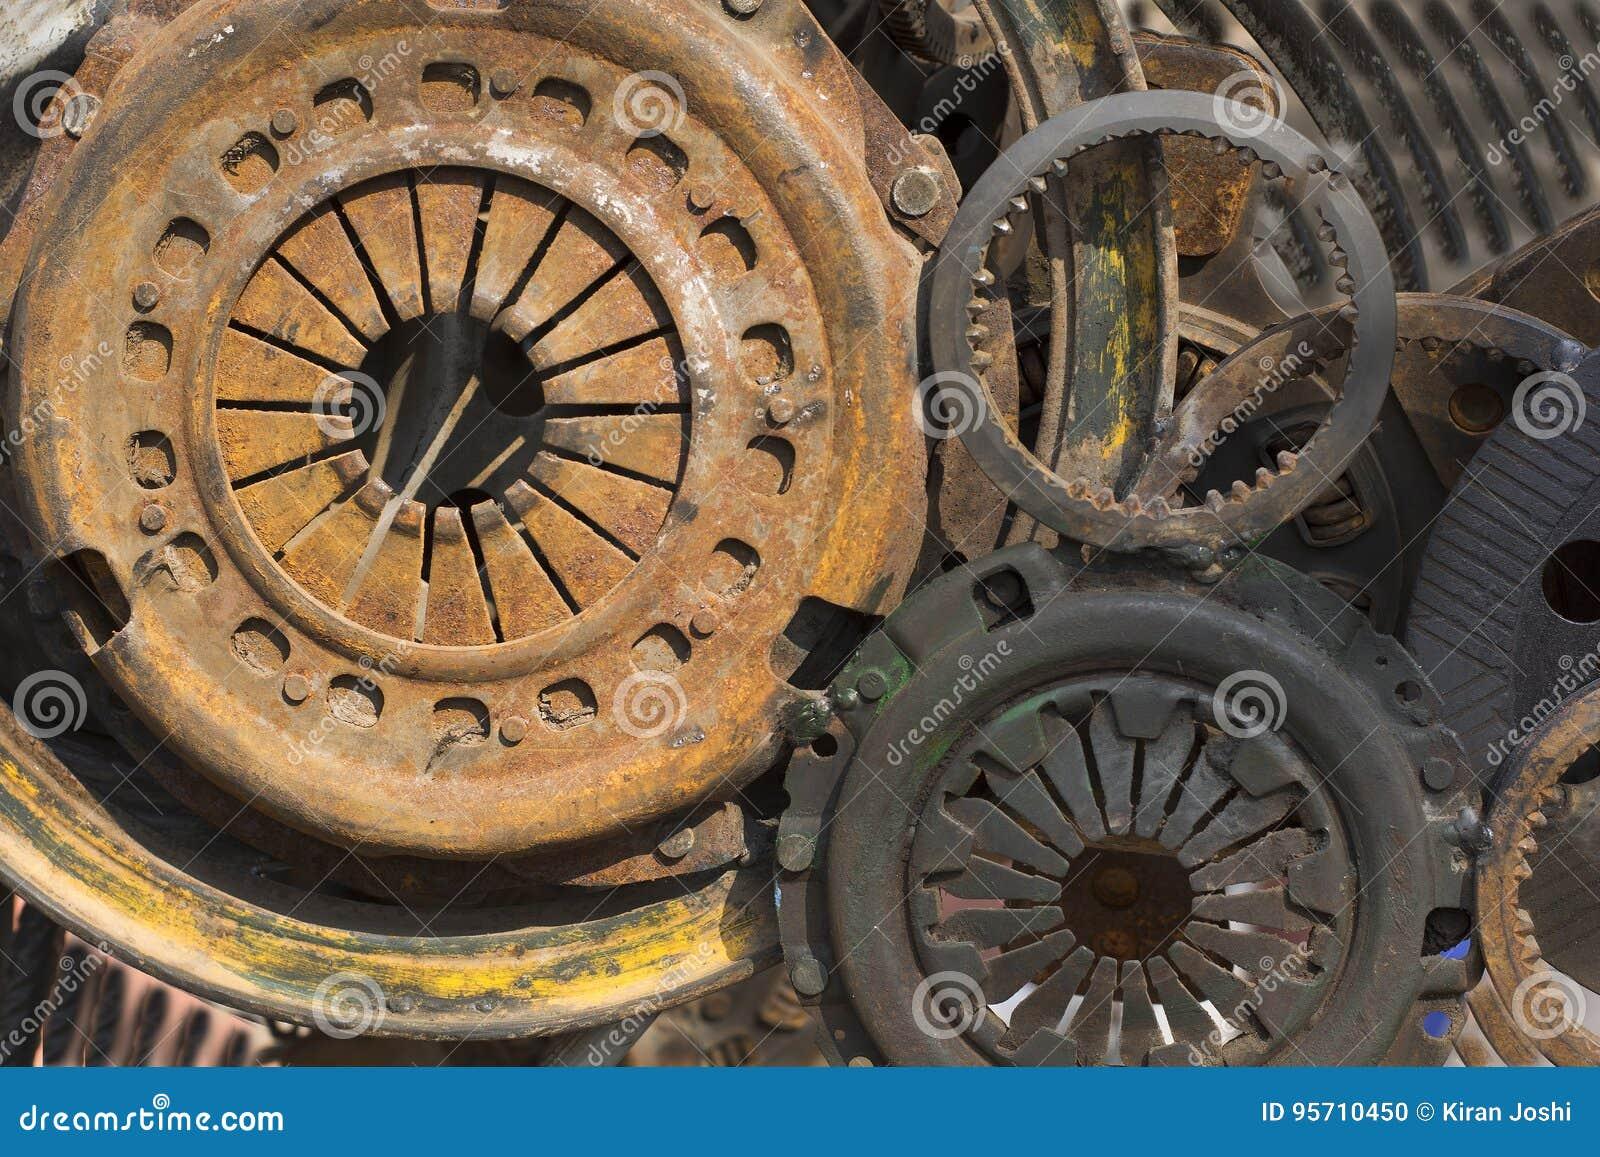 Maschinenteile der modernen Zeiten